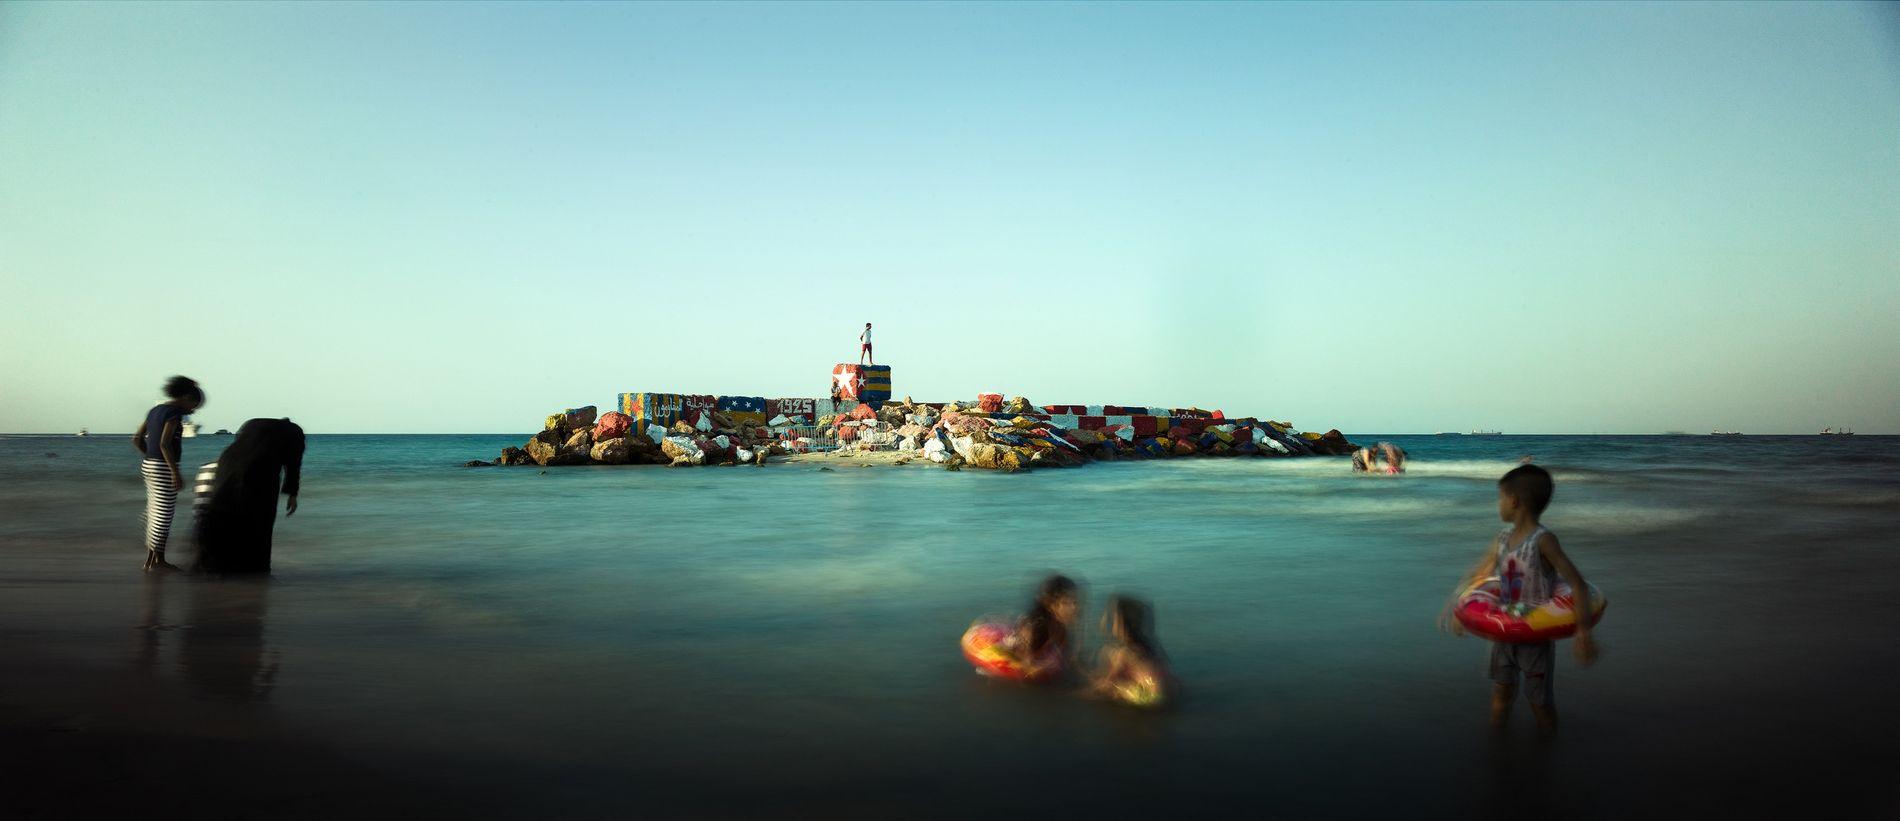 Dernière baignade avant le carnaval, Sousse, Tunisie, 2018 - Les rochers de Sousse aux couleurs de ...